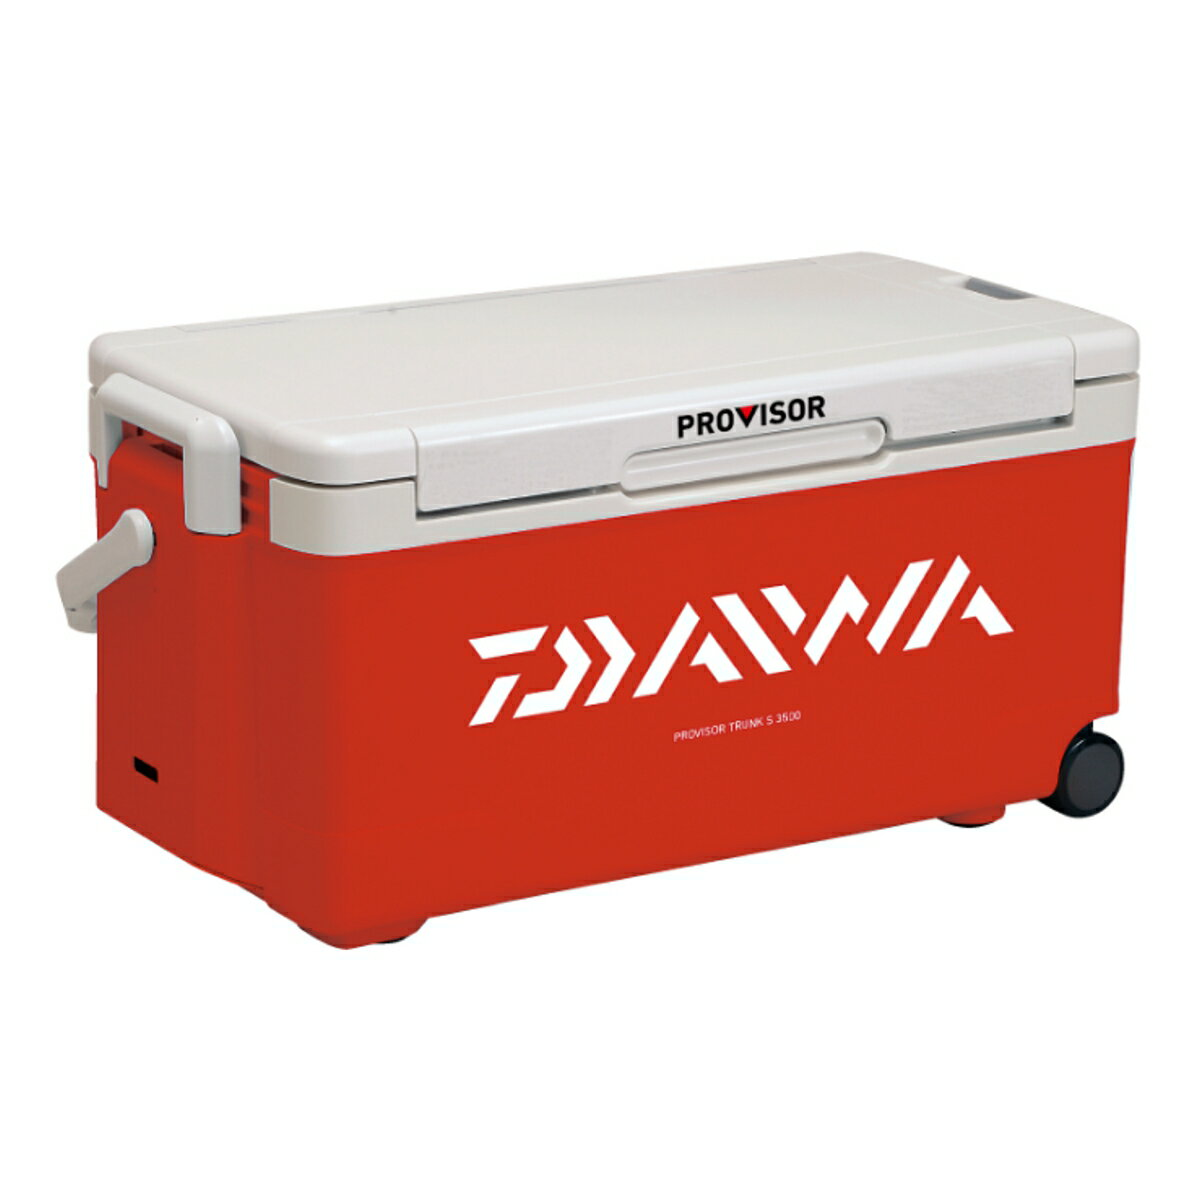 ダイワ プロバイザートランク S-3500 レッド クーラーボックス【6co01】